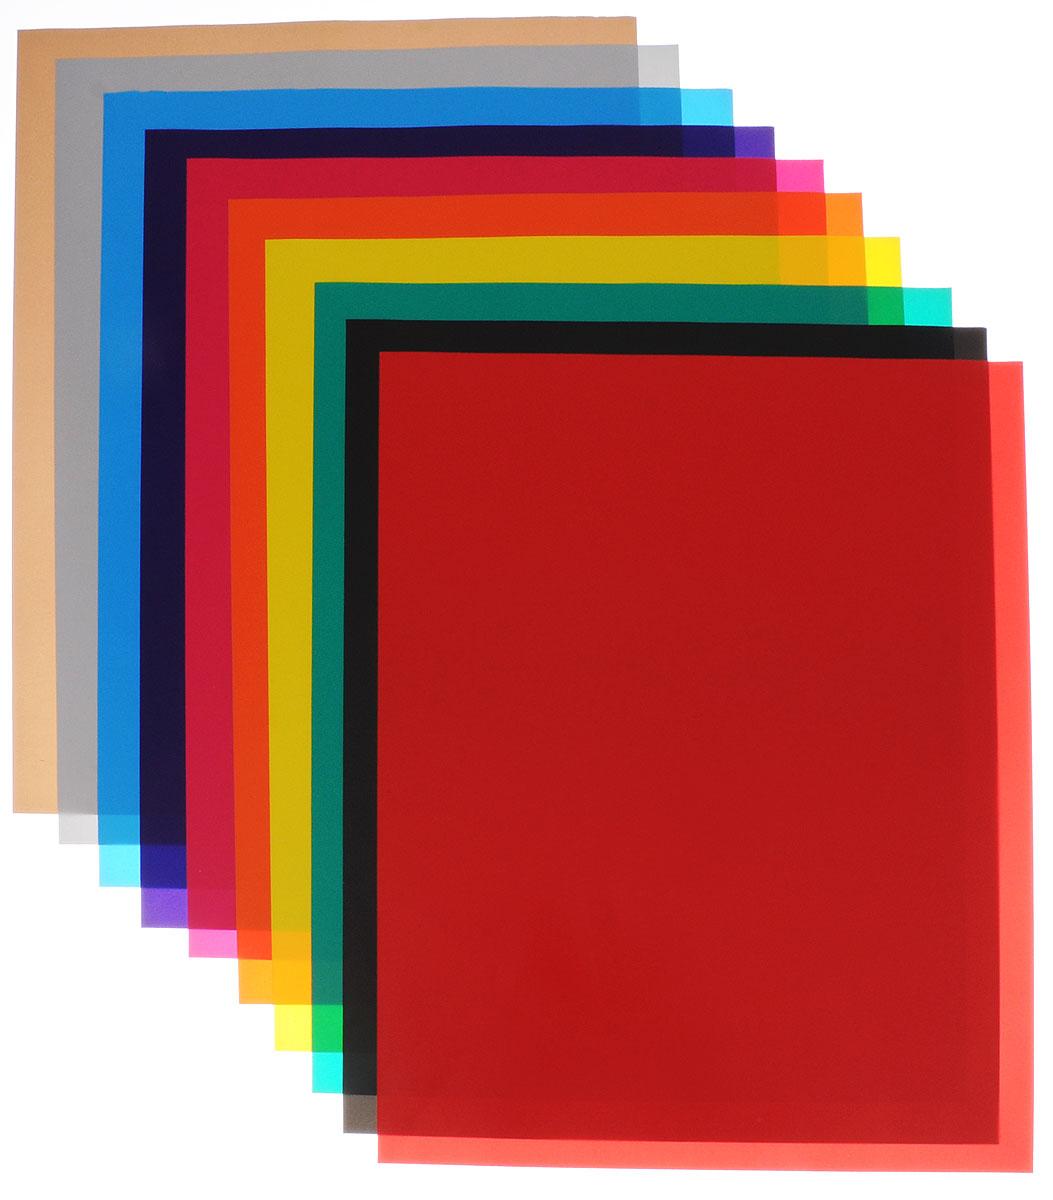 Мелованная цветная бумага Апплика Царевна-Лягушка формата А3 идеально подходит для детского творчества: создания аппликаций, оригами и многого другого.    В упаковке 10 листов мелованной бумаги 10 разных цветов. Бумага упакована в папку-конверт с окошком, выполненную из мелованного картона.Детские аппликации из тонкой цветной бумаги - отличное занятие для развития творческих способностей и познавательной деятельности малыша, а также хороший способ самовыражения ребенка.    Рекомендуемый возраст: от 3 лет.